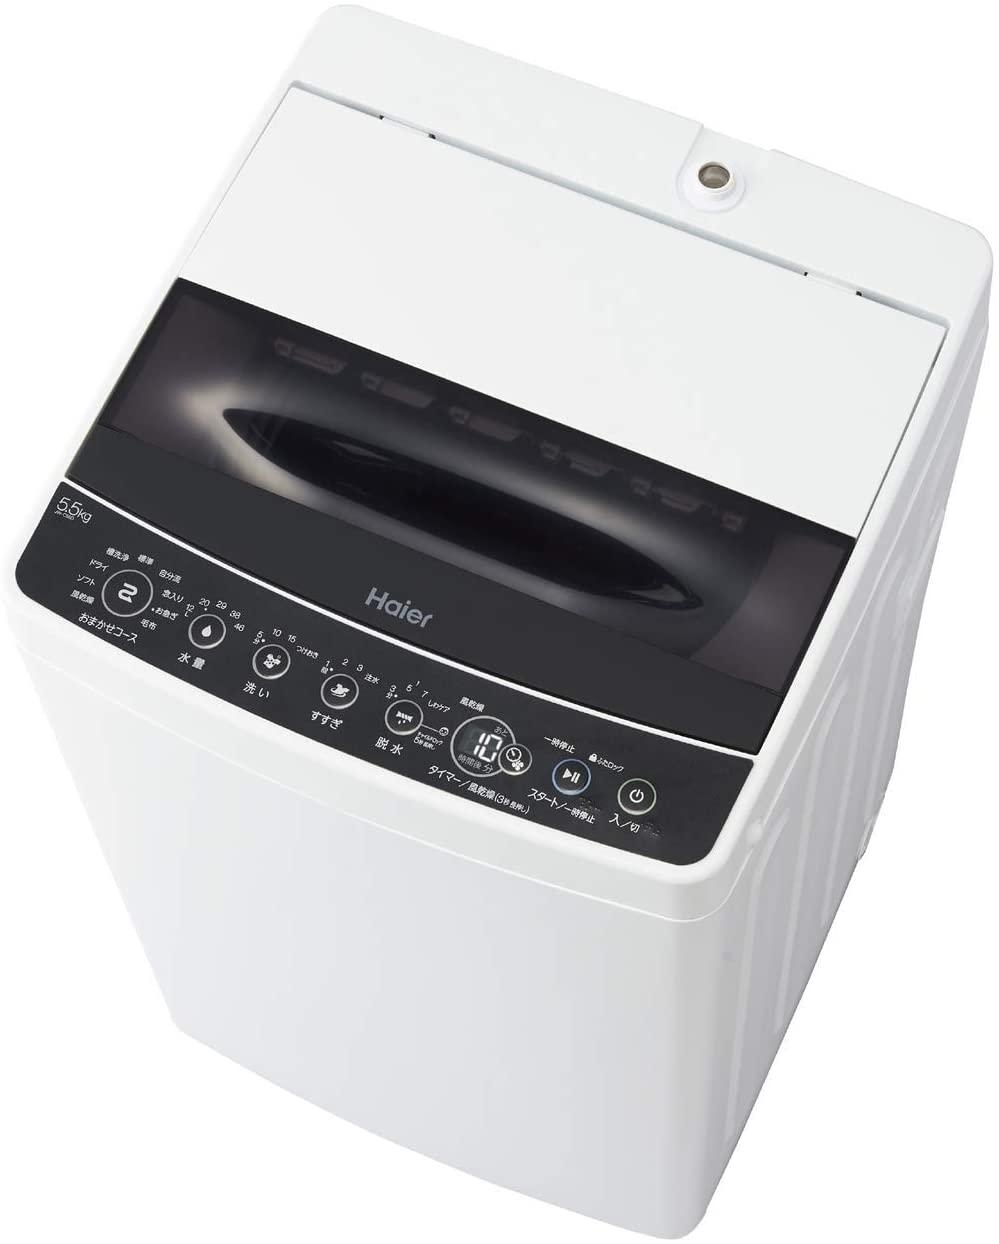 Haier(ハイアール) 全自動洗濯機 JW-C55Dの商品画像